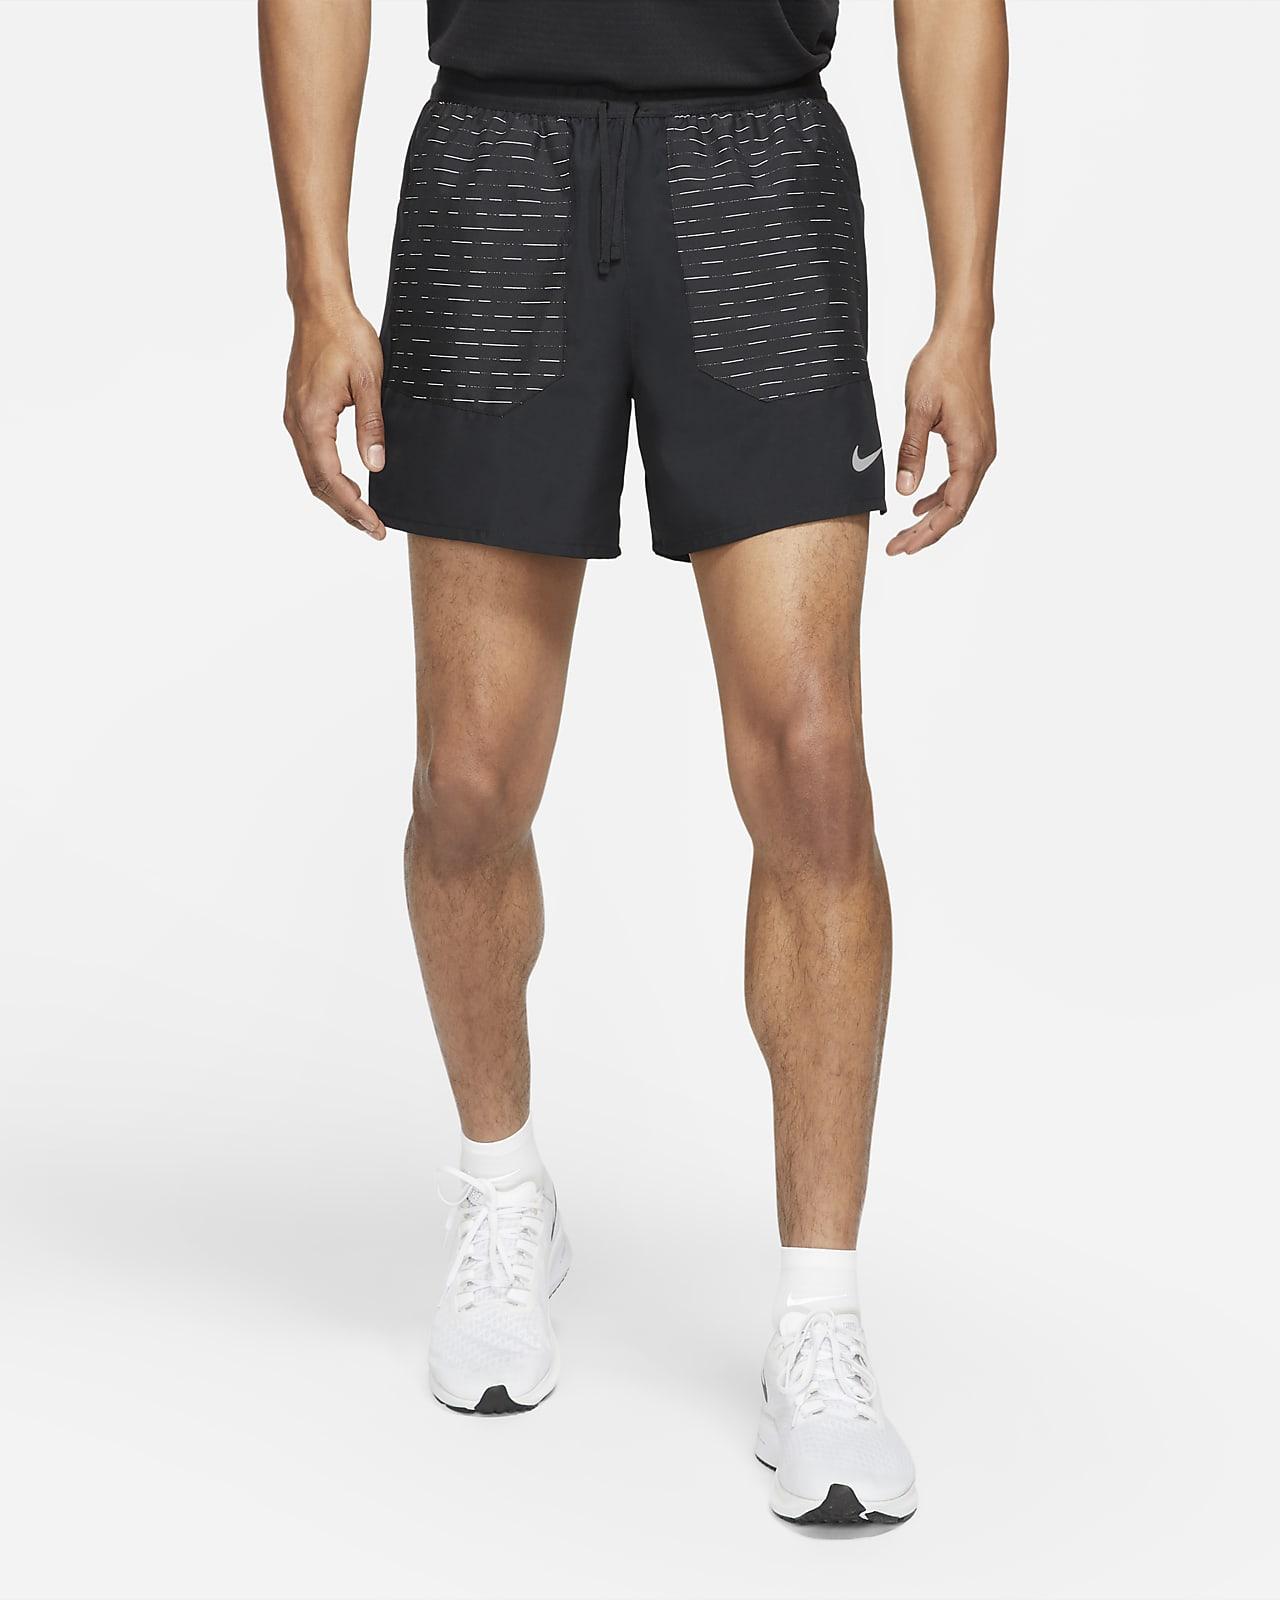 Short de running avec sous-short intégré Nike Dri-FIT Flex Stride Run Division 13cm pour Homme